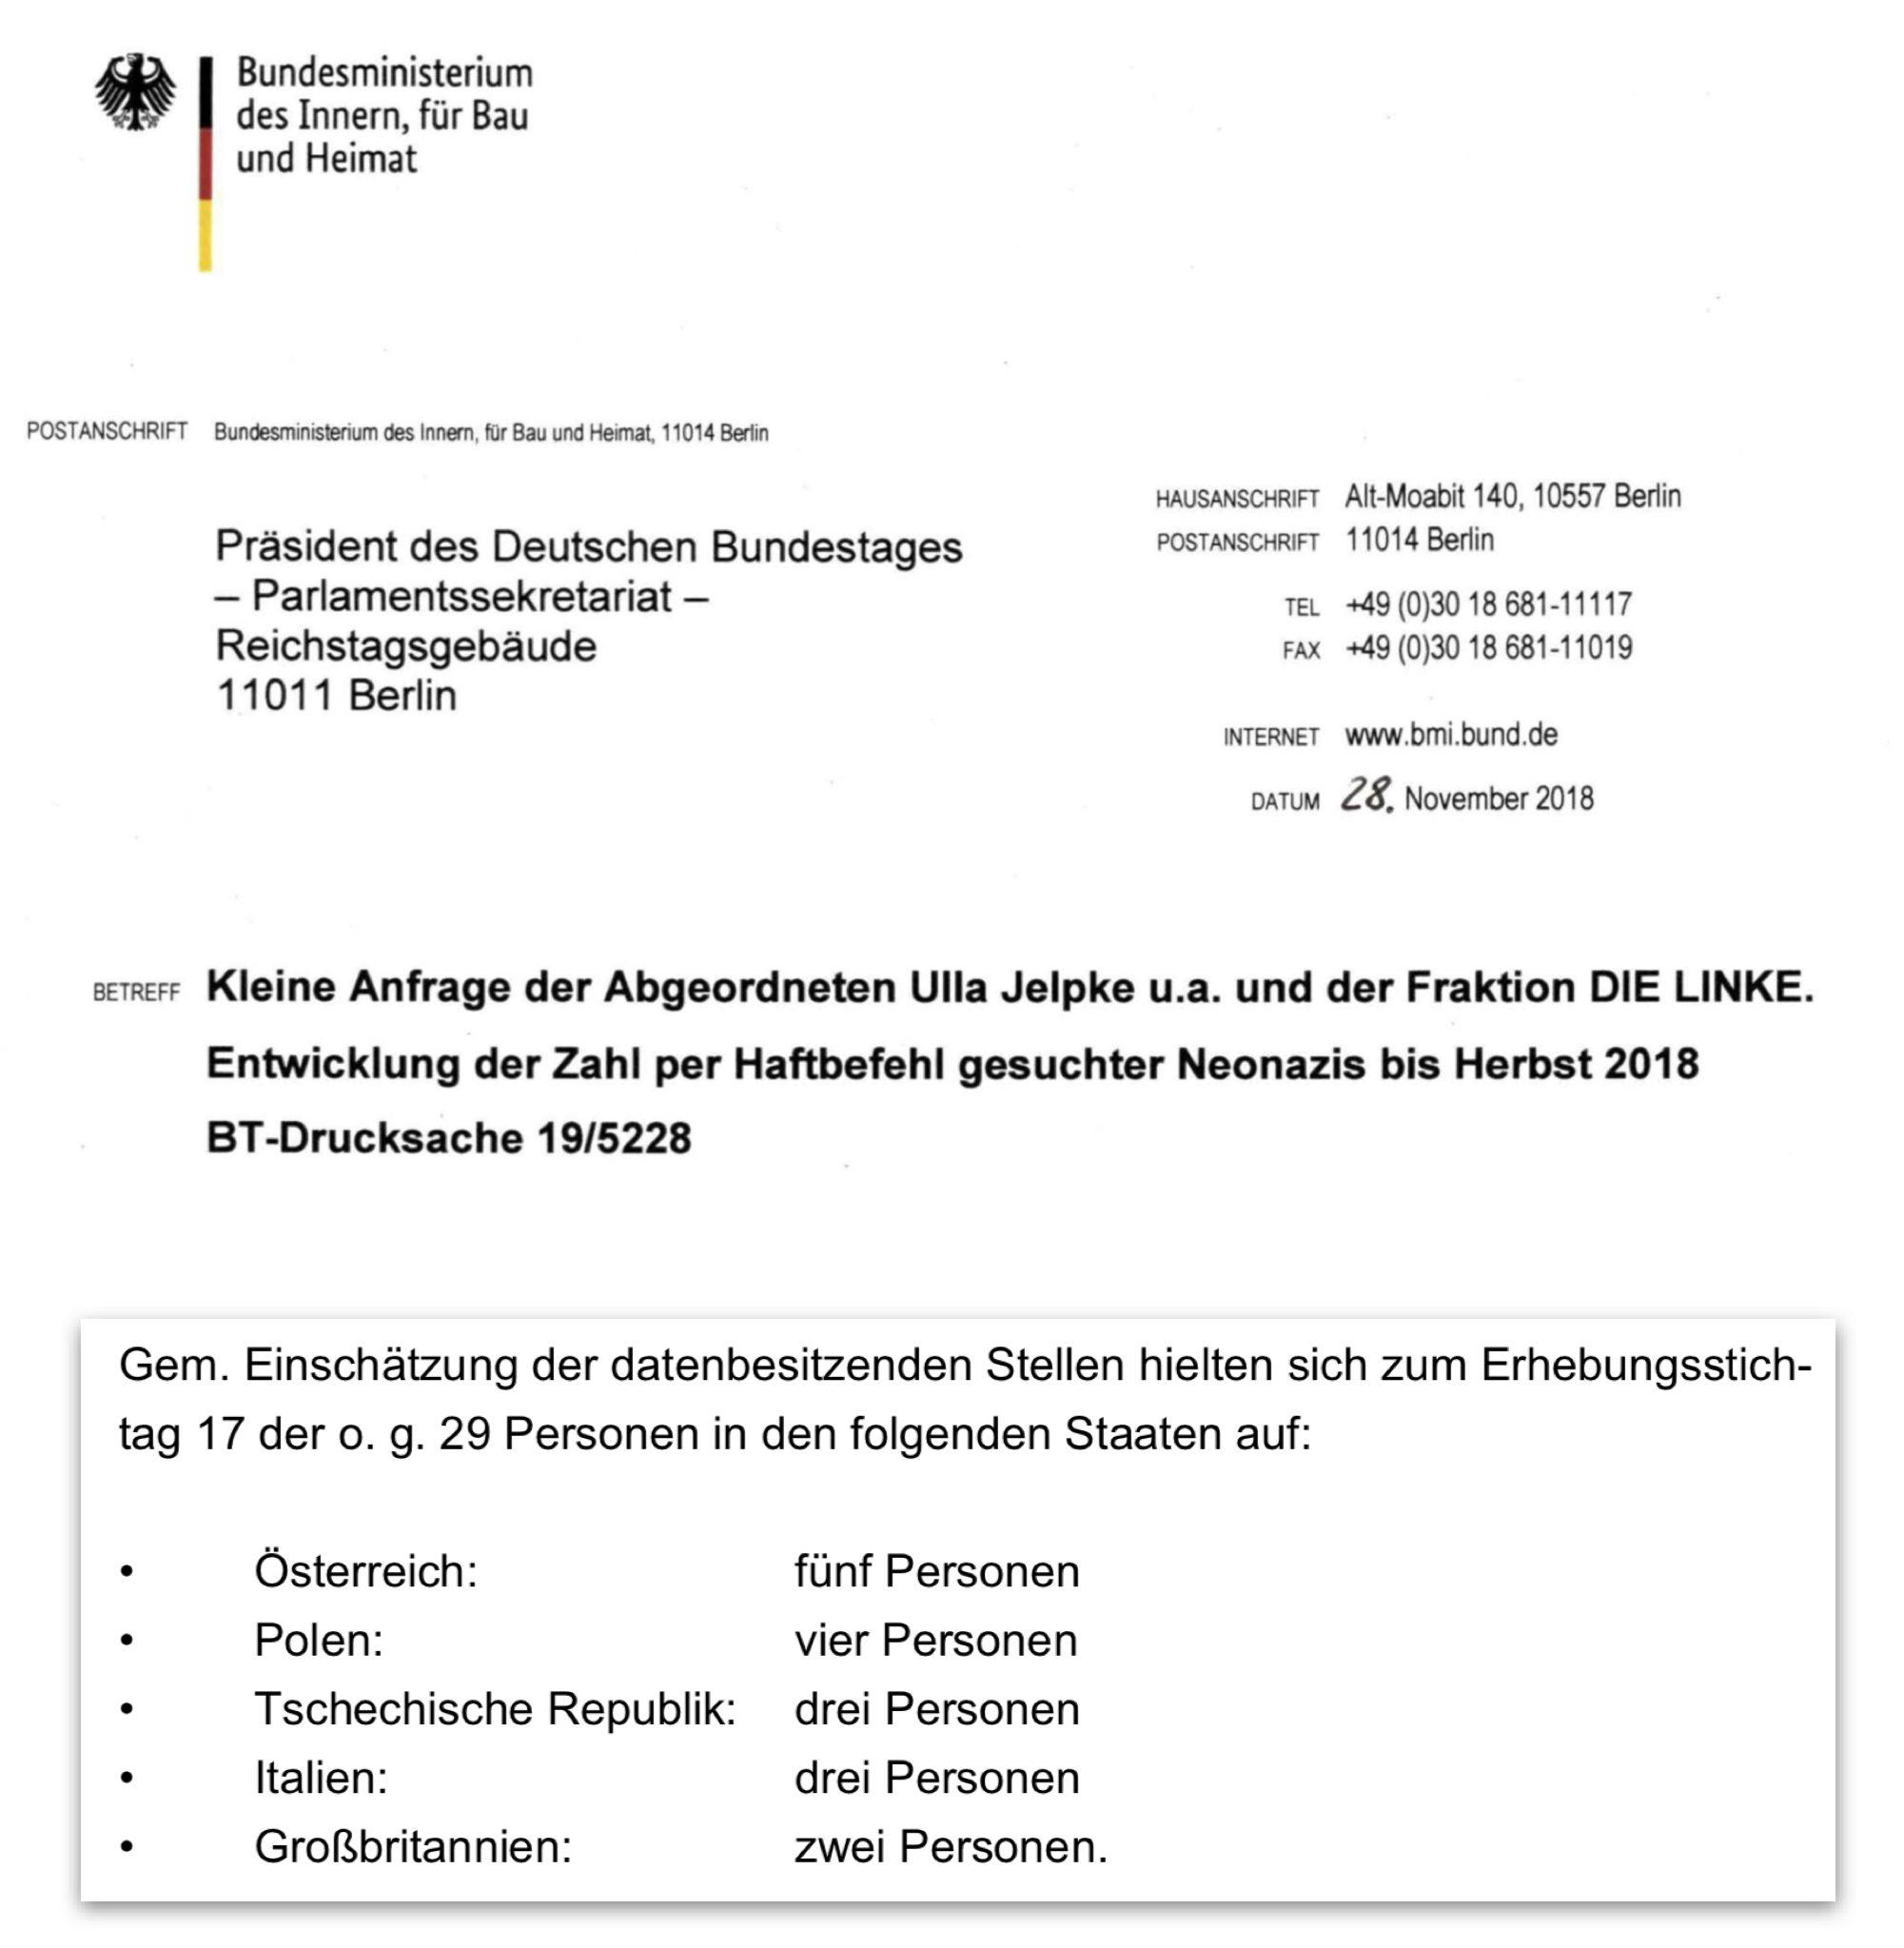 Kleine Anfrage der Abgeordneten Ulla Jelpke u.a. und der Fraktion DIE LINKE. Entwicklung der Zahl per Haftbefehl gesuchter Neonazis bis Herbst 2018